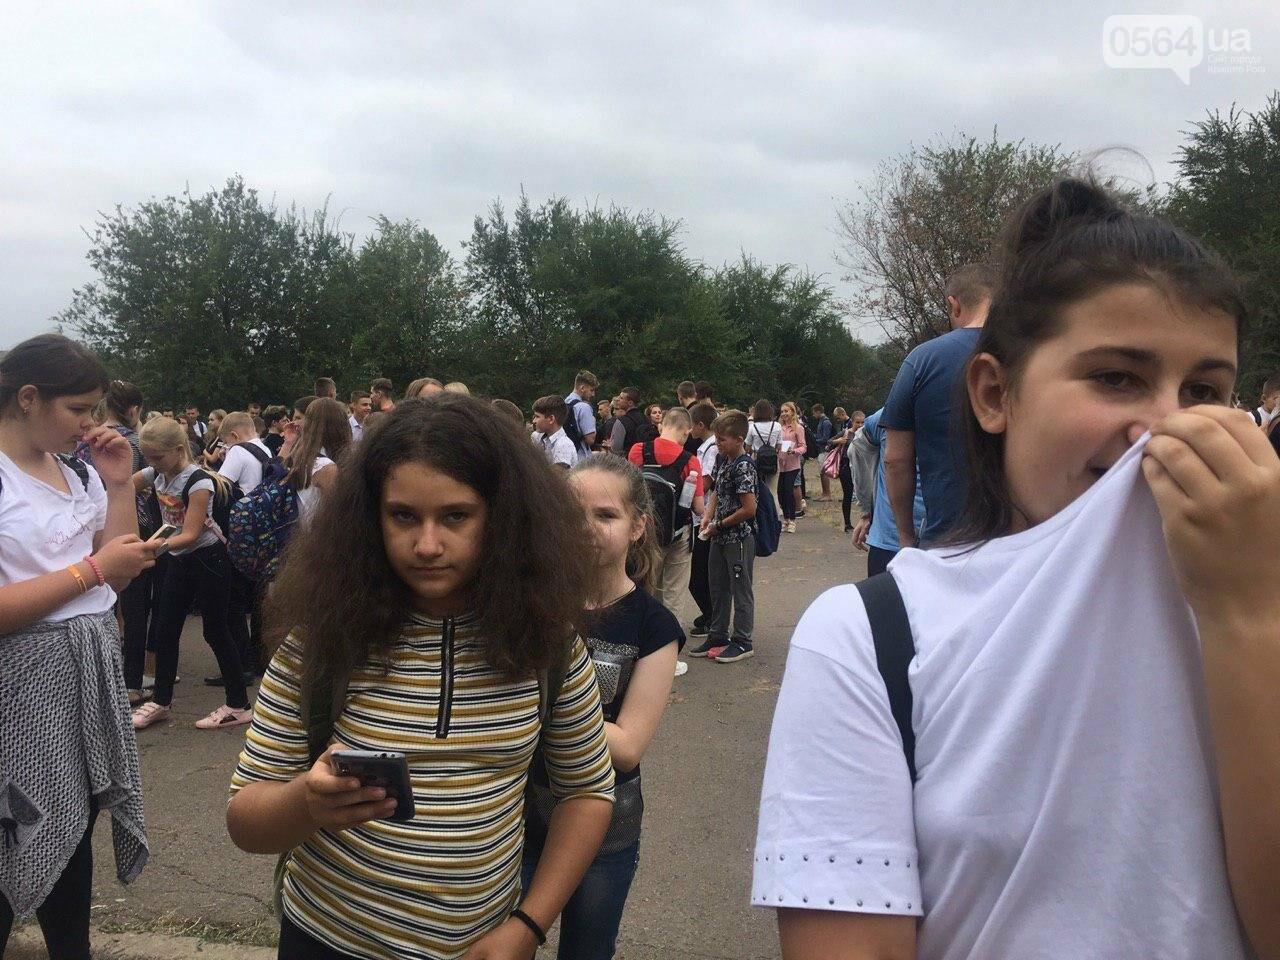 В одной из школ Кривого Рога из-за распыления неизвестного вещества срочно эвакуировали детей, - ФОТО, фото-1